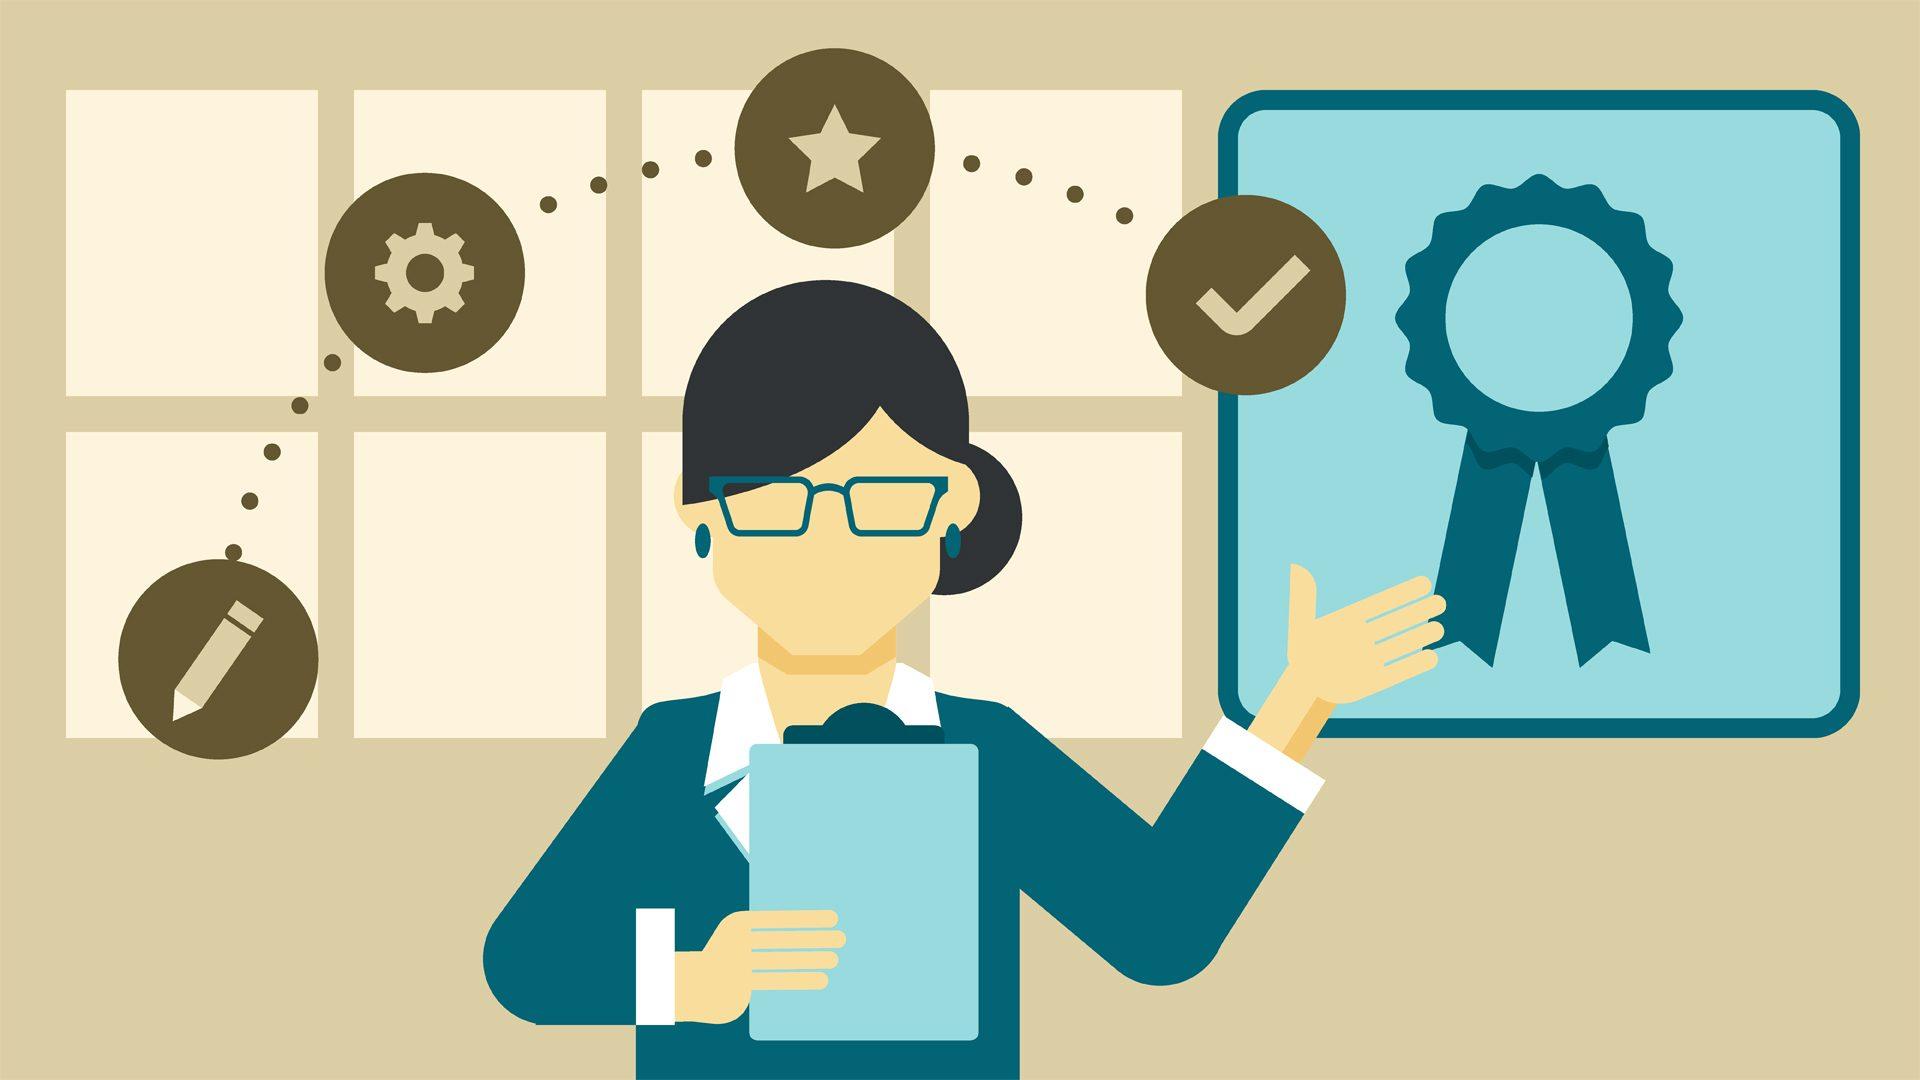 Urobme si kvalitu v kariérovom poradenstve. Začíname participatívny proces tvorby štandardov pre poskytovanie kariérového poradenstva